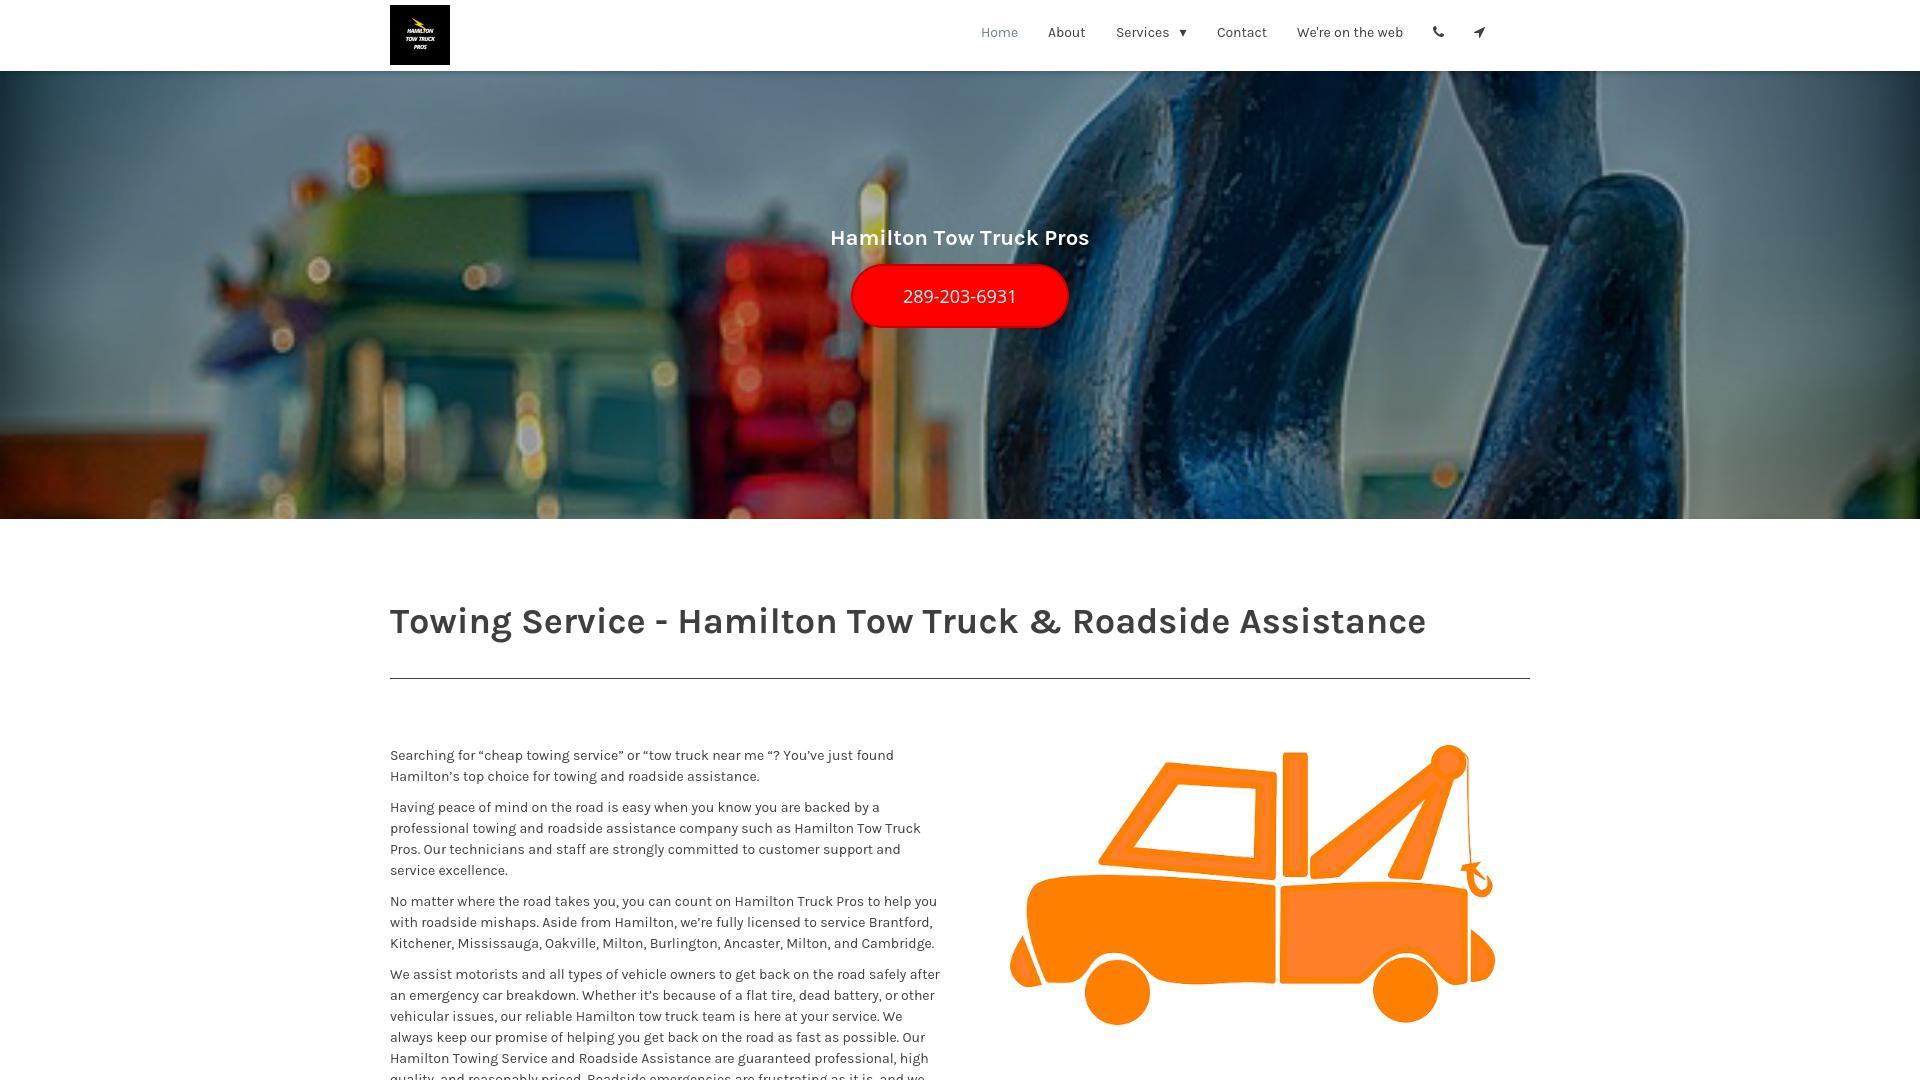 Hamilton Tow Truck Pros